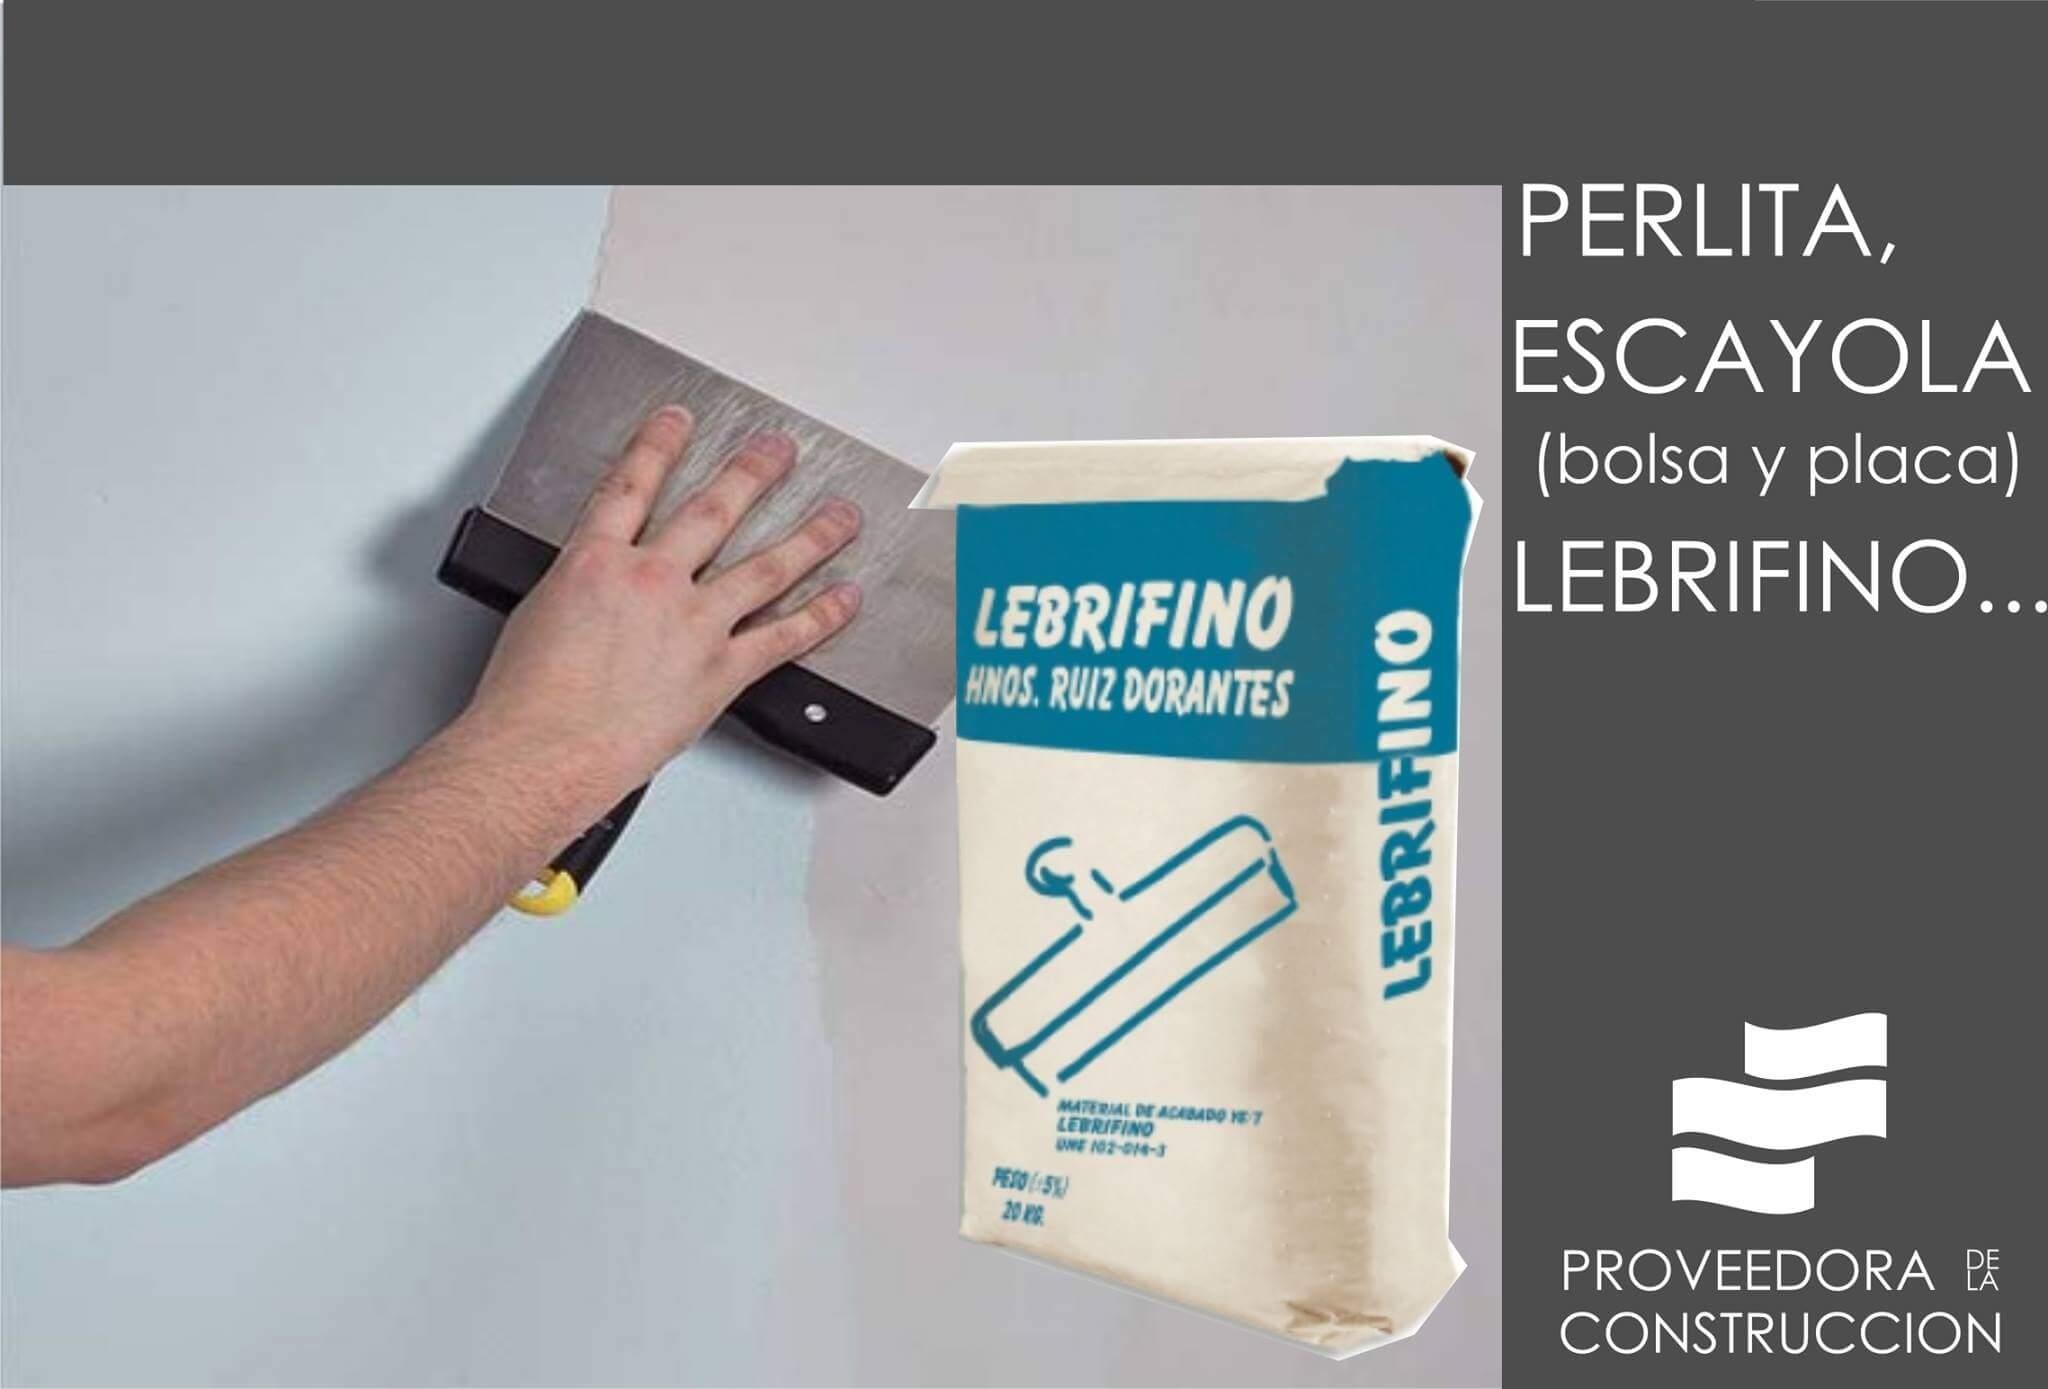 Perlita escayola lebrifino material para acabados